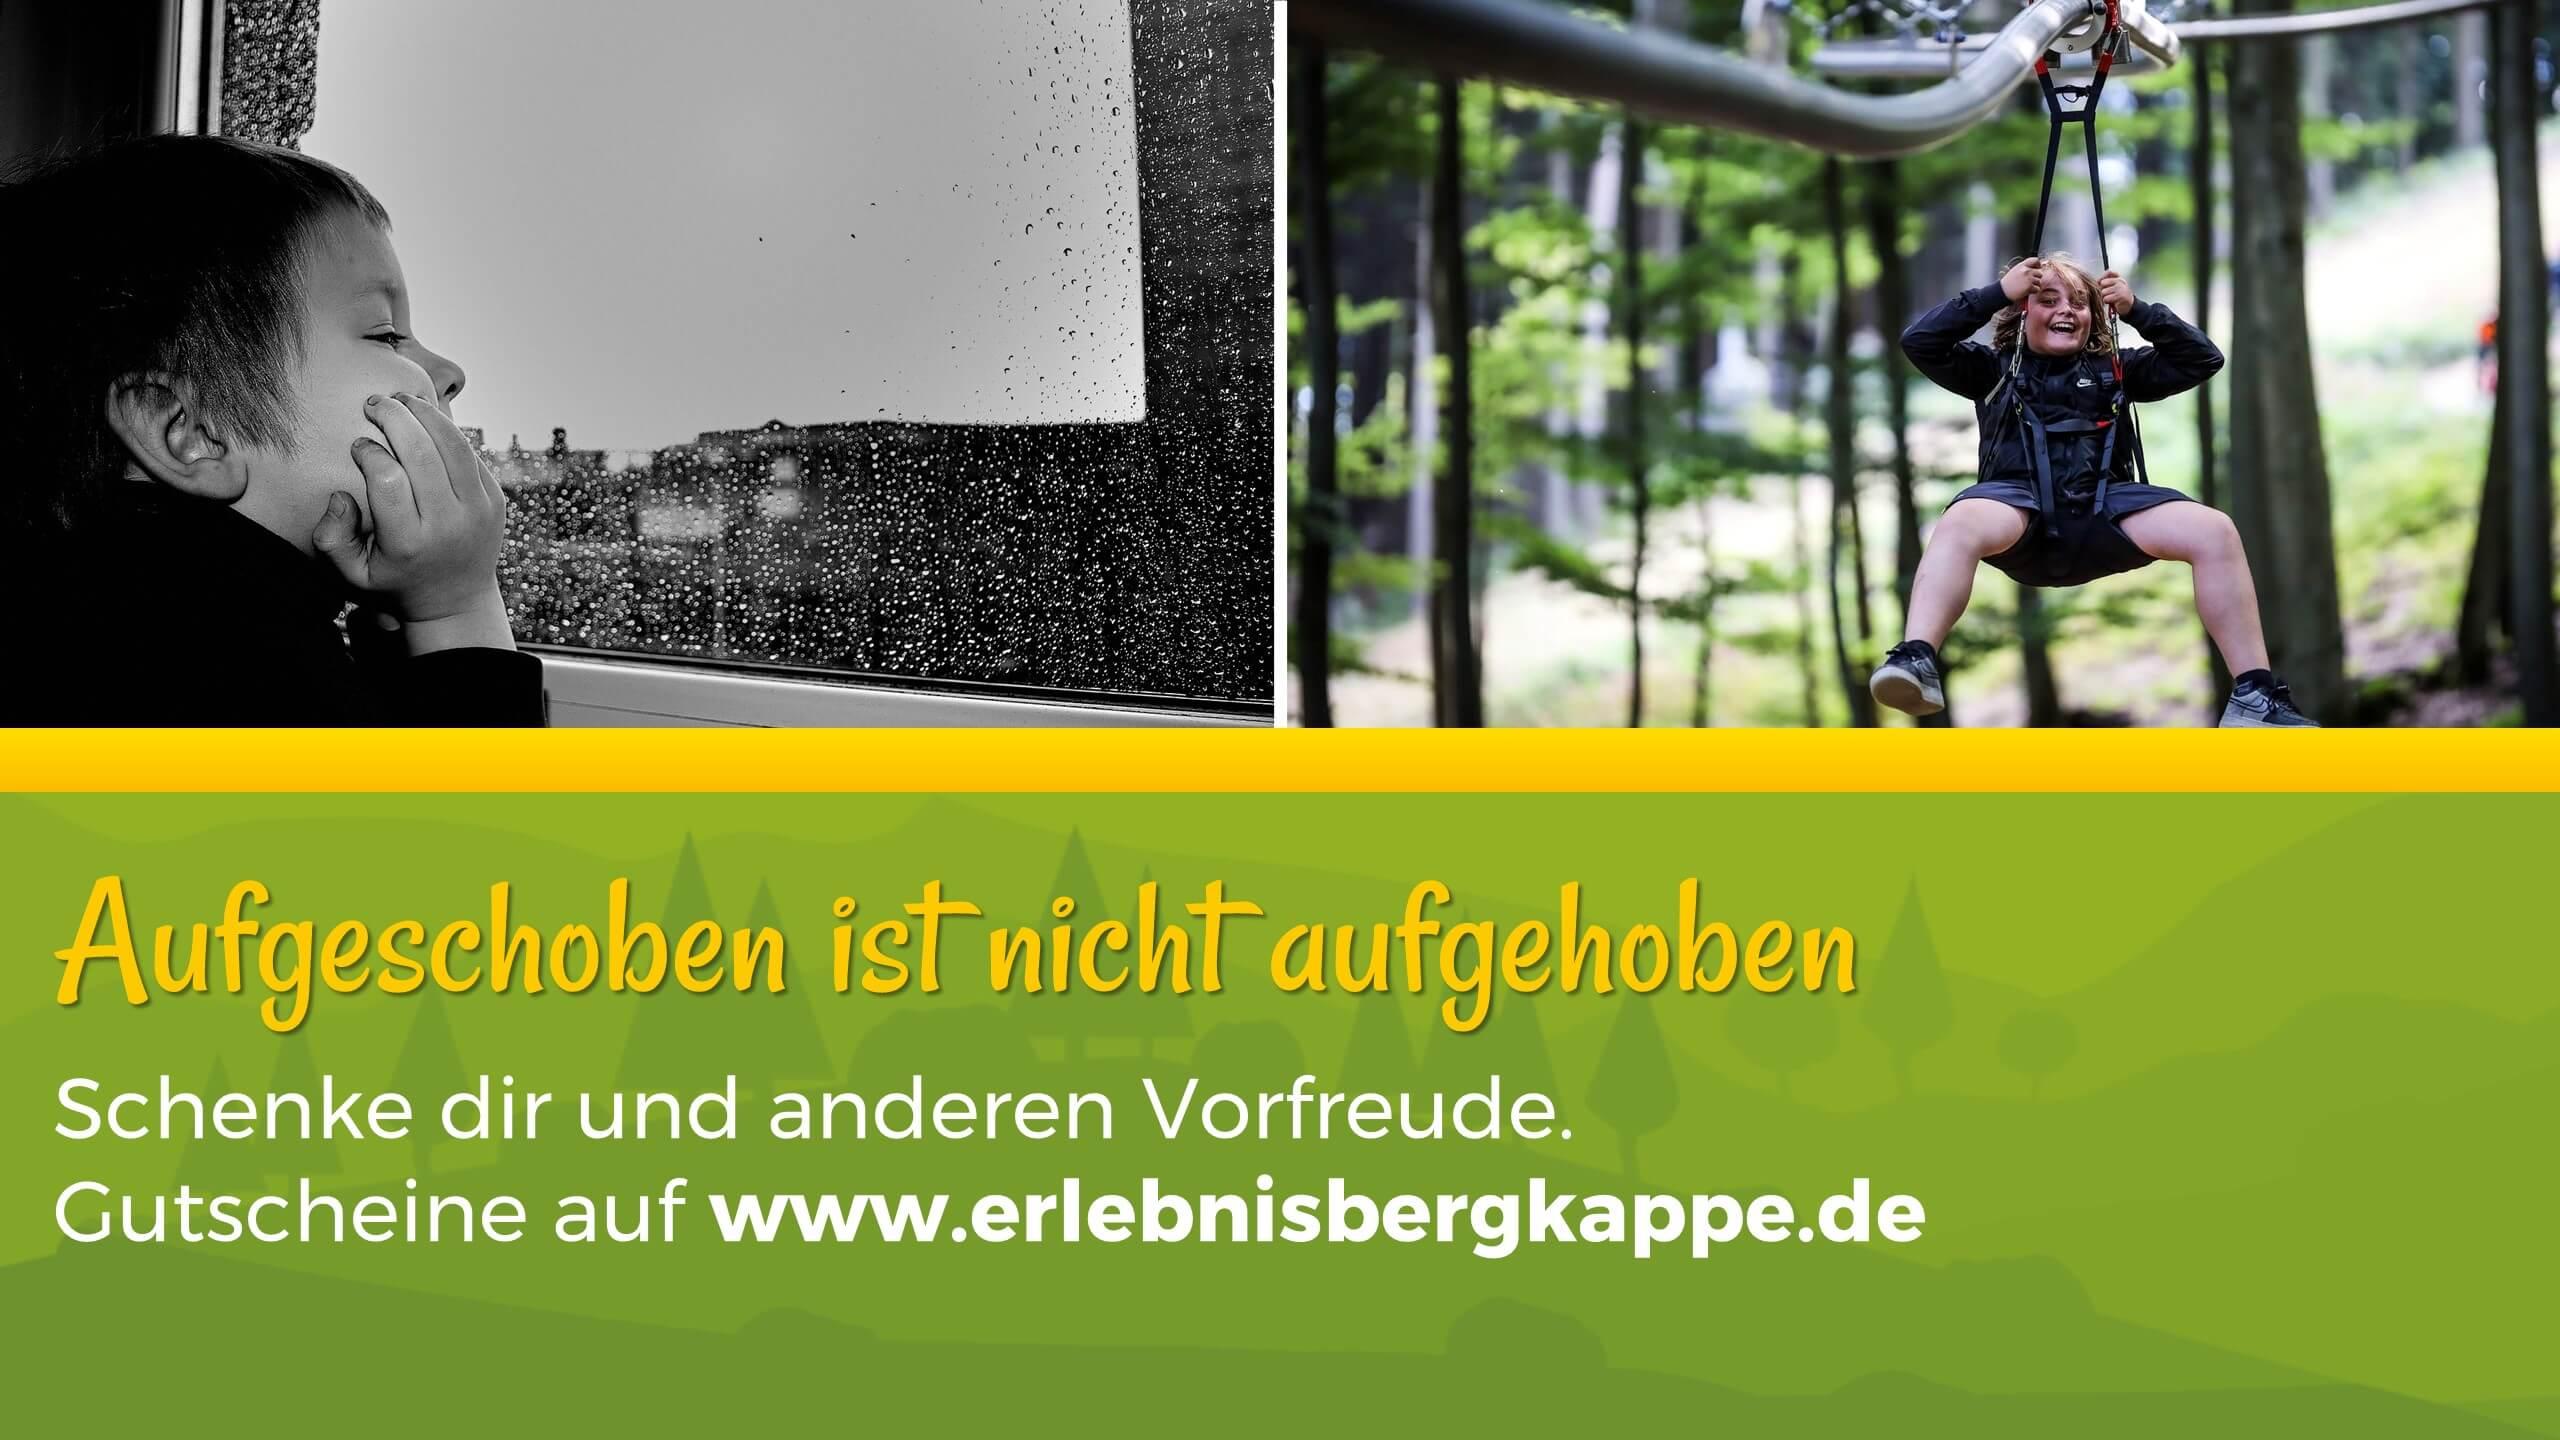 Gutscheine Erlebnisberg Kappe Winterberg (3)